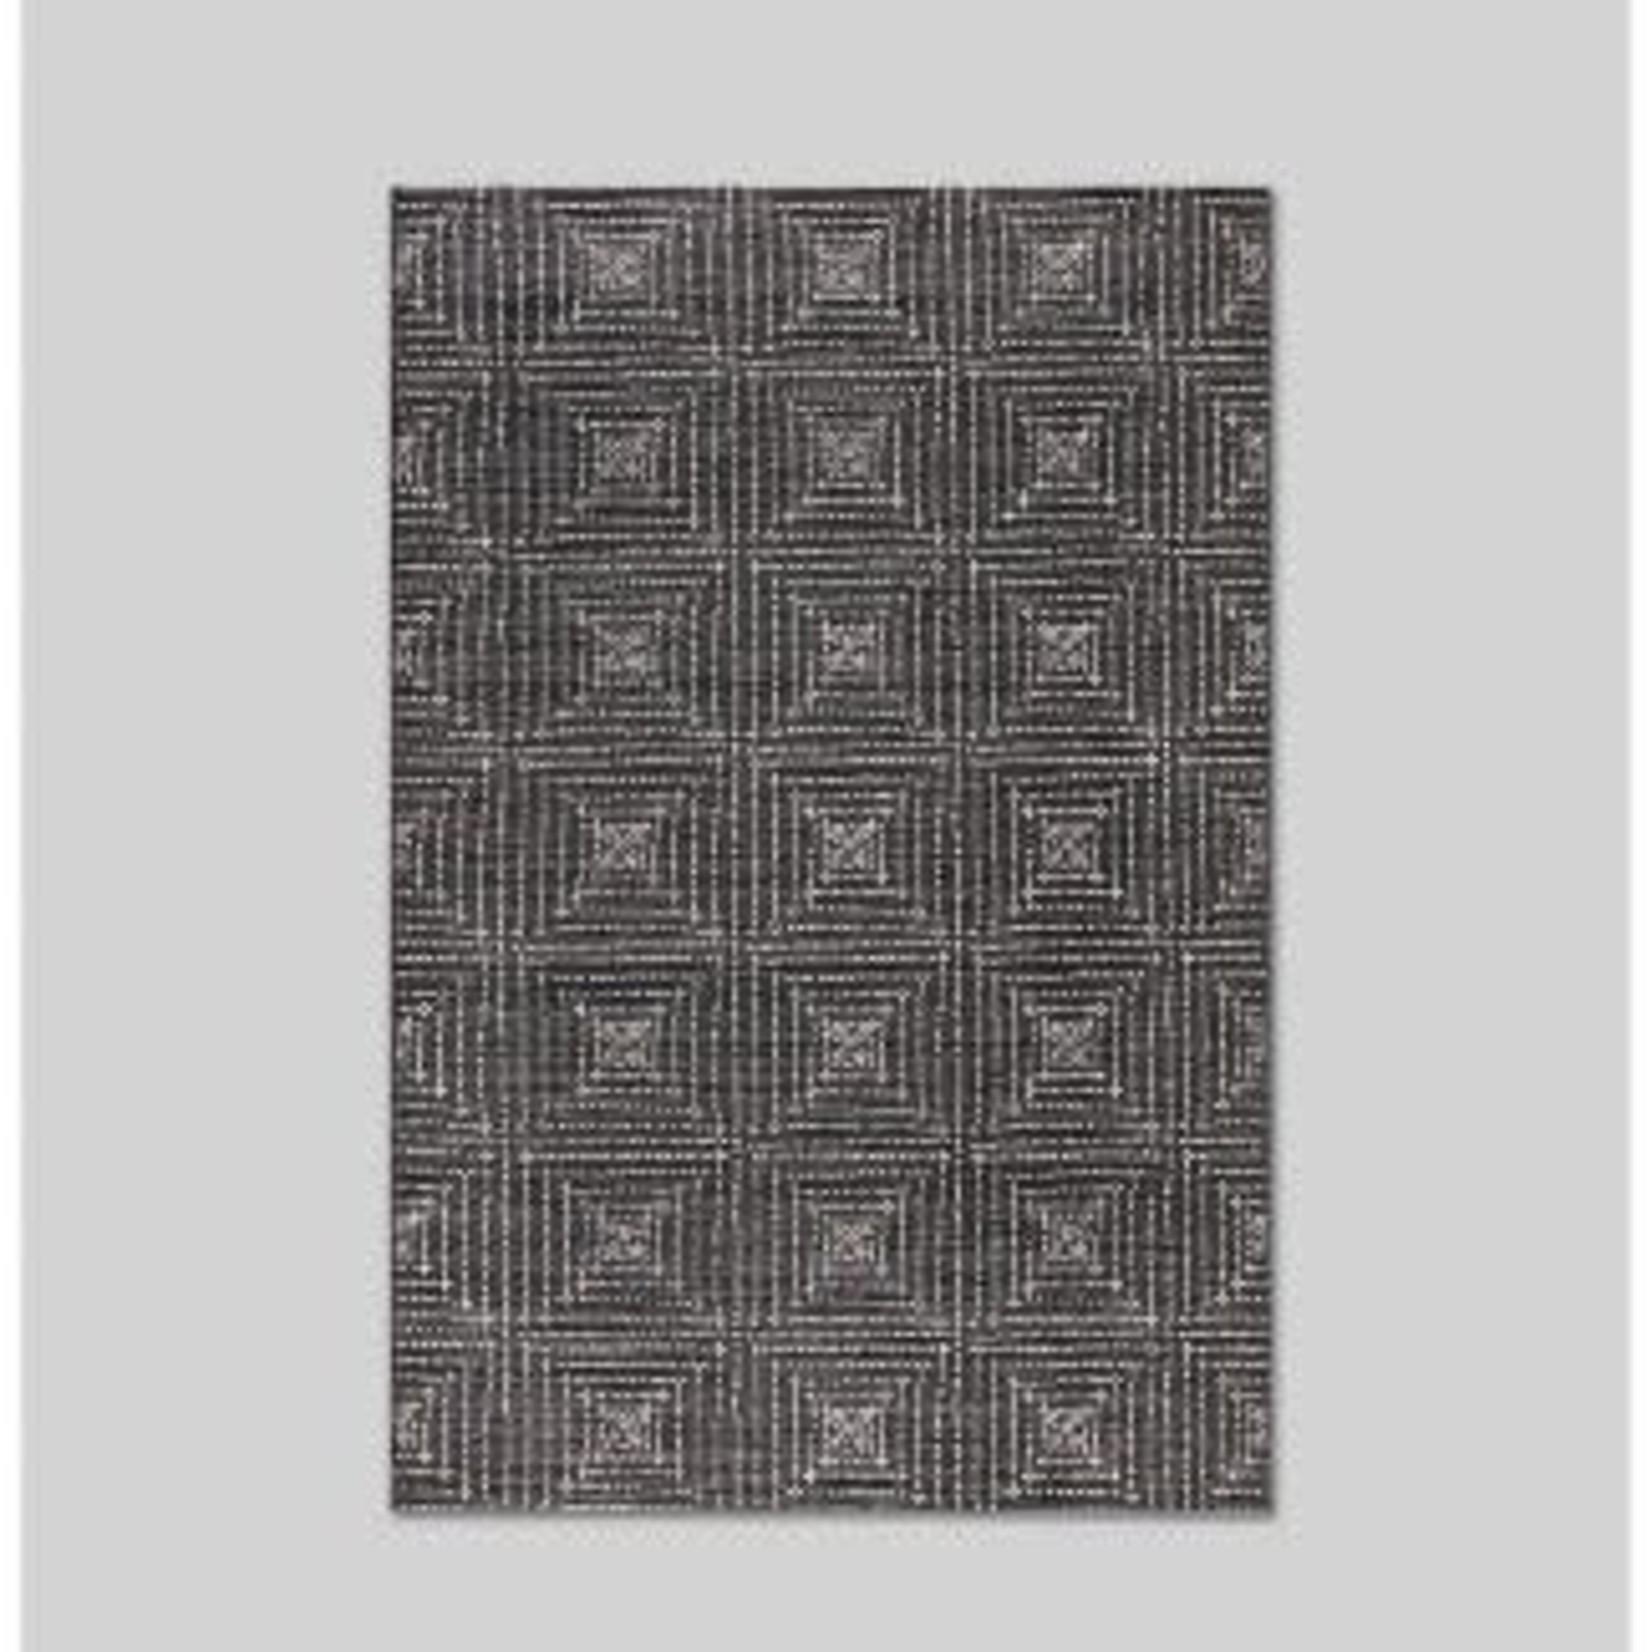 Diamond Pixel Outdoor Rug Black - Project 62 5'x7'